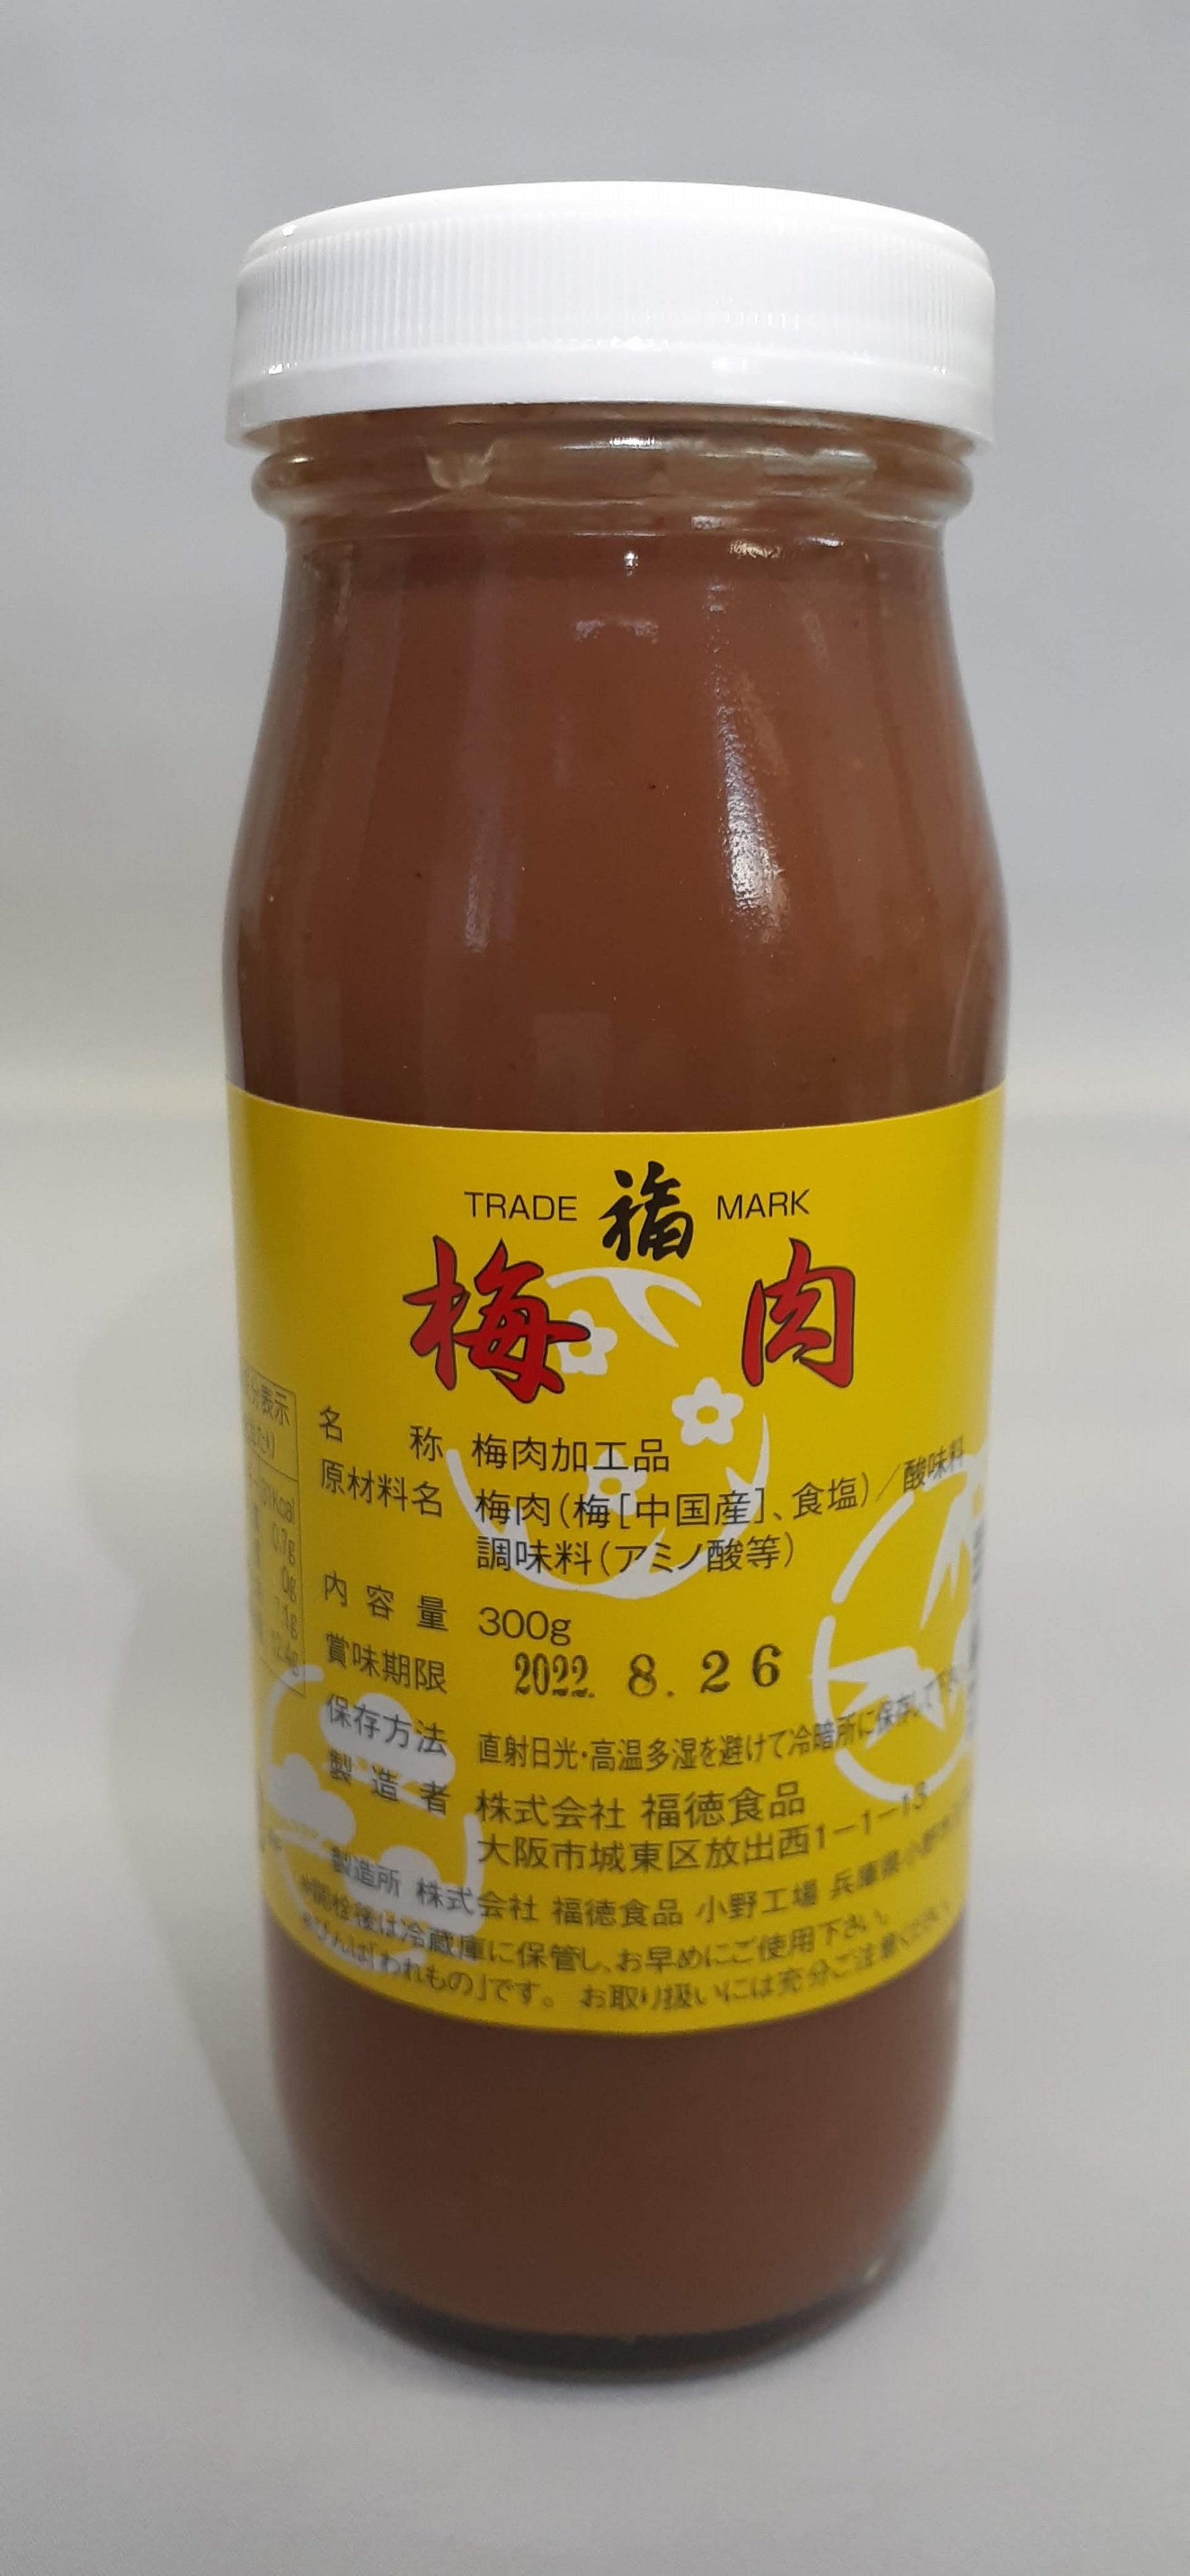 爽やかな酸味でお料理のアクセントに 贈与 梅肉 白 300g 調味料 完売 業務用 常温商品10000円以上で送料無料